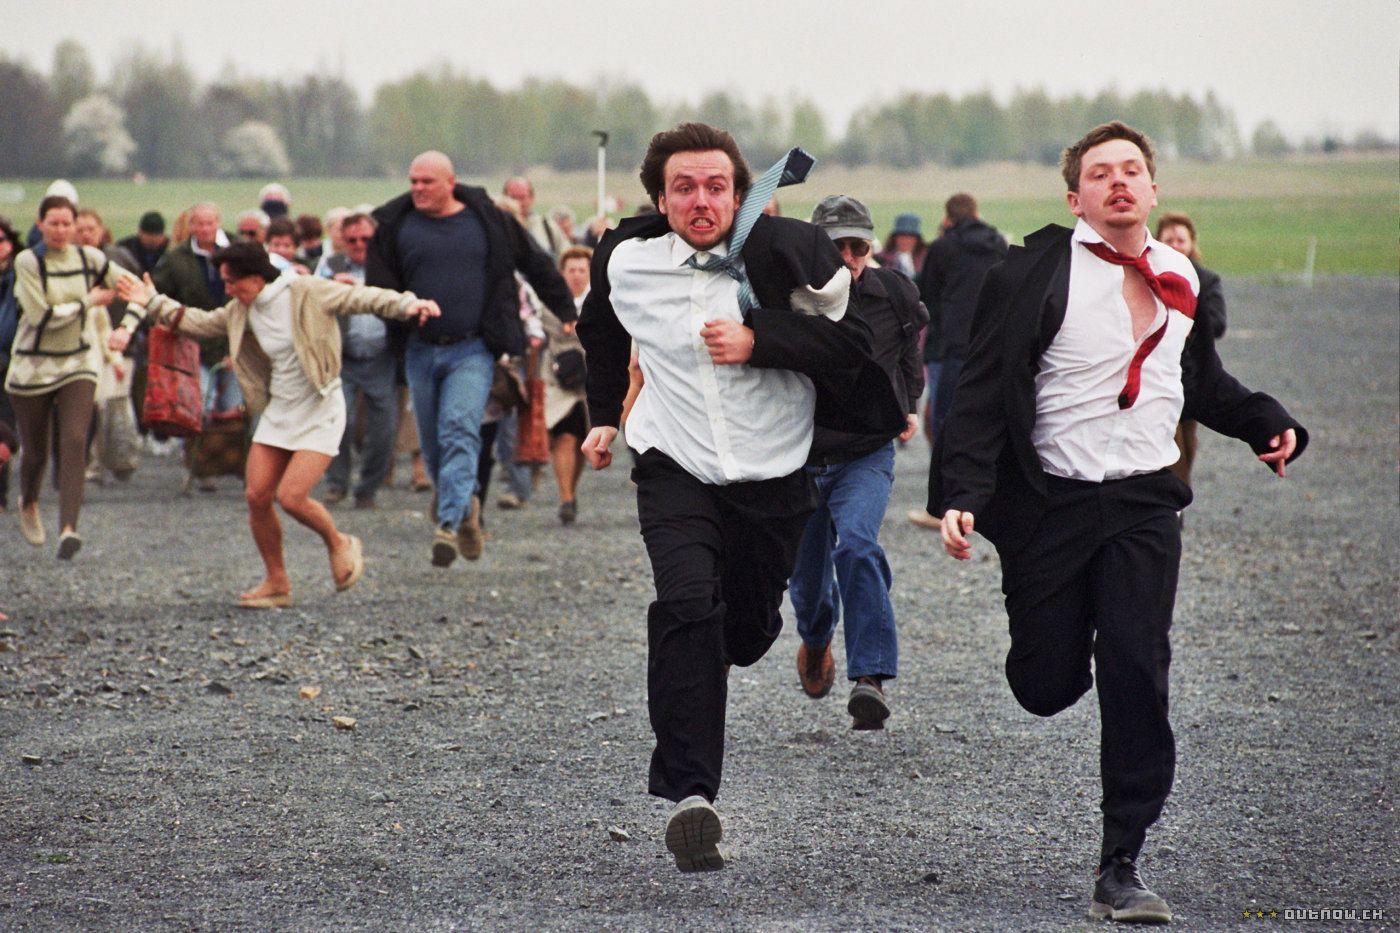 Αποτέλεσμα εικόνας για running people